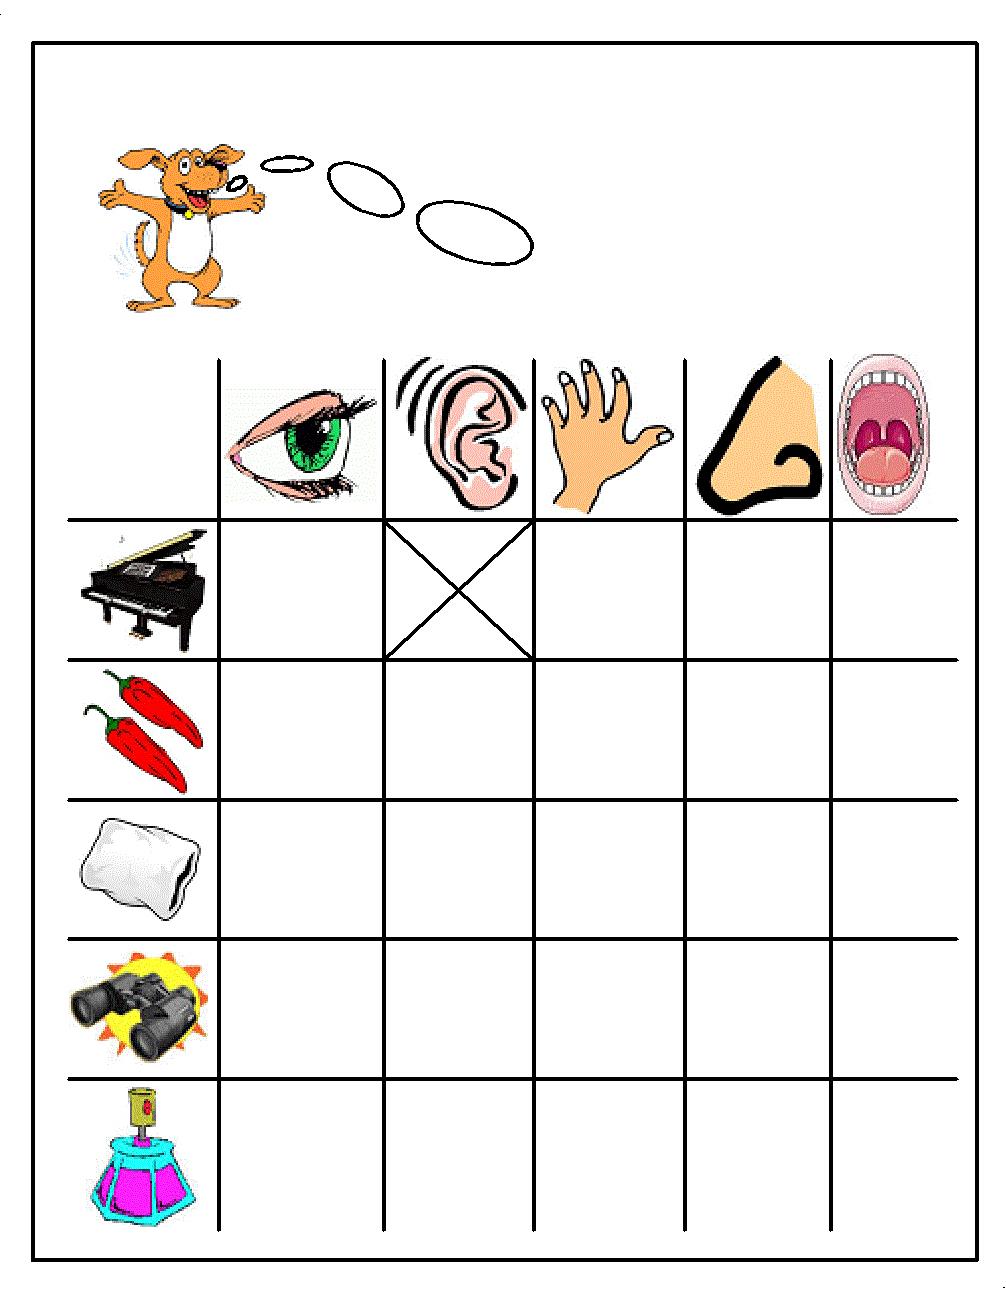 Free Worksheets For Kids – With Kindergarten English Printables Also | Free Printable Worksheets For Preschool Teachers